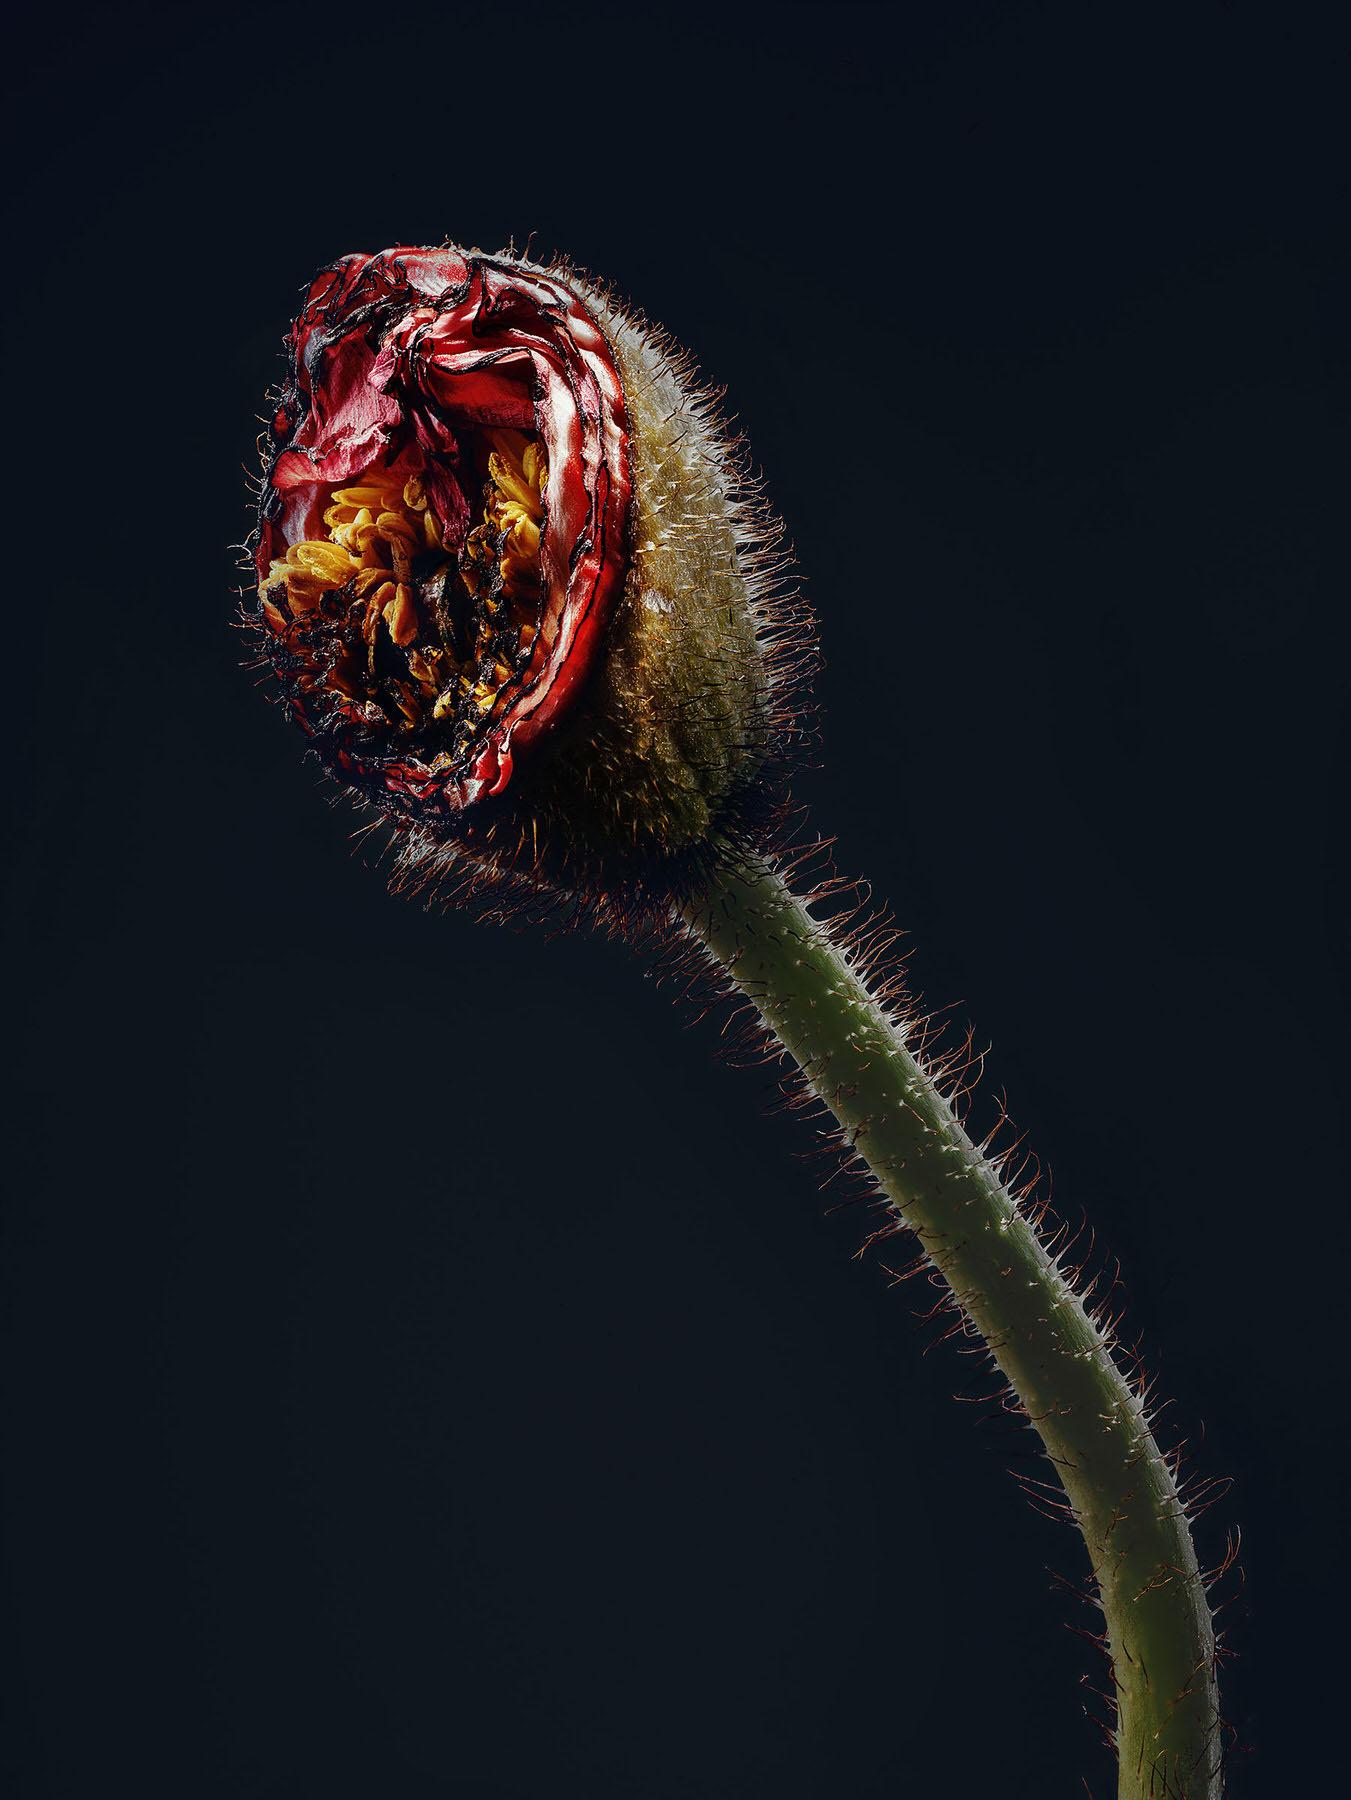 Simon_Puschmann_assaulted-flowers_papaver_01.jpg